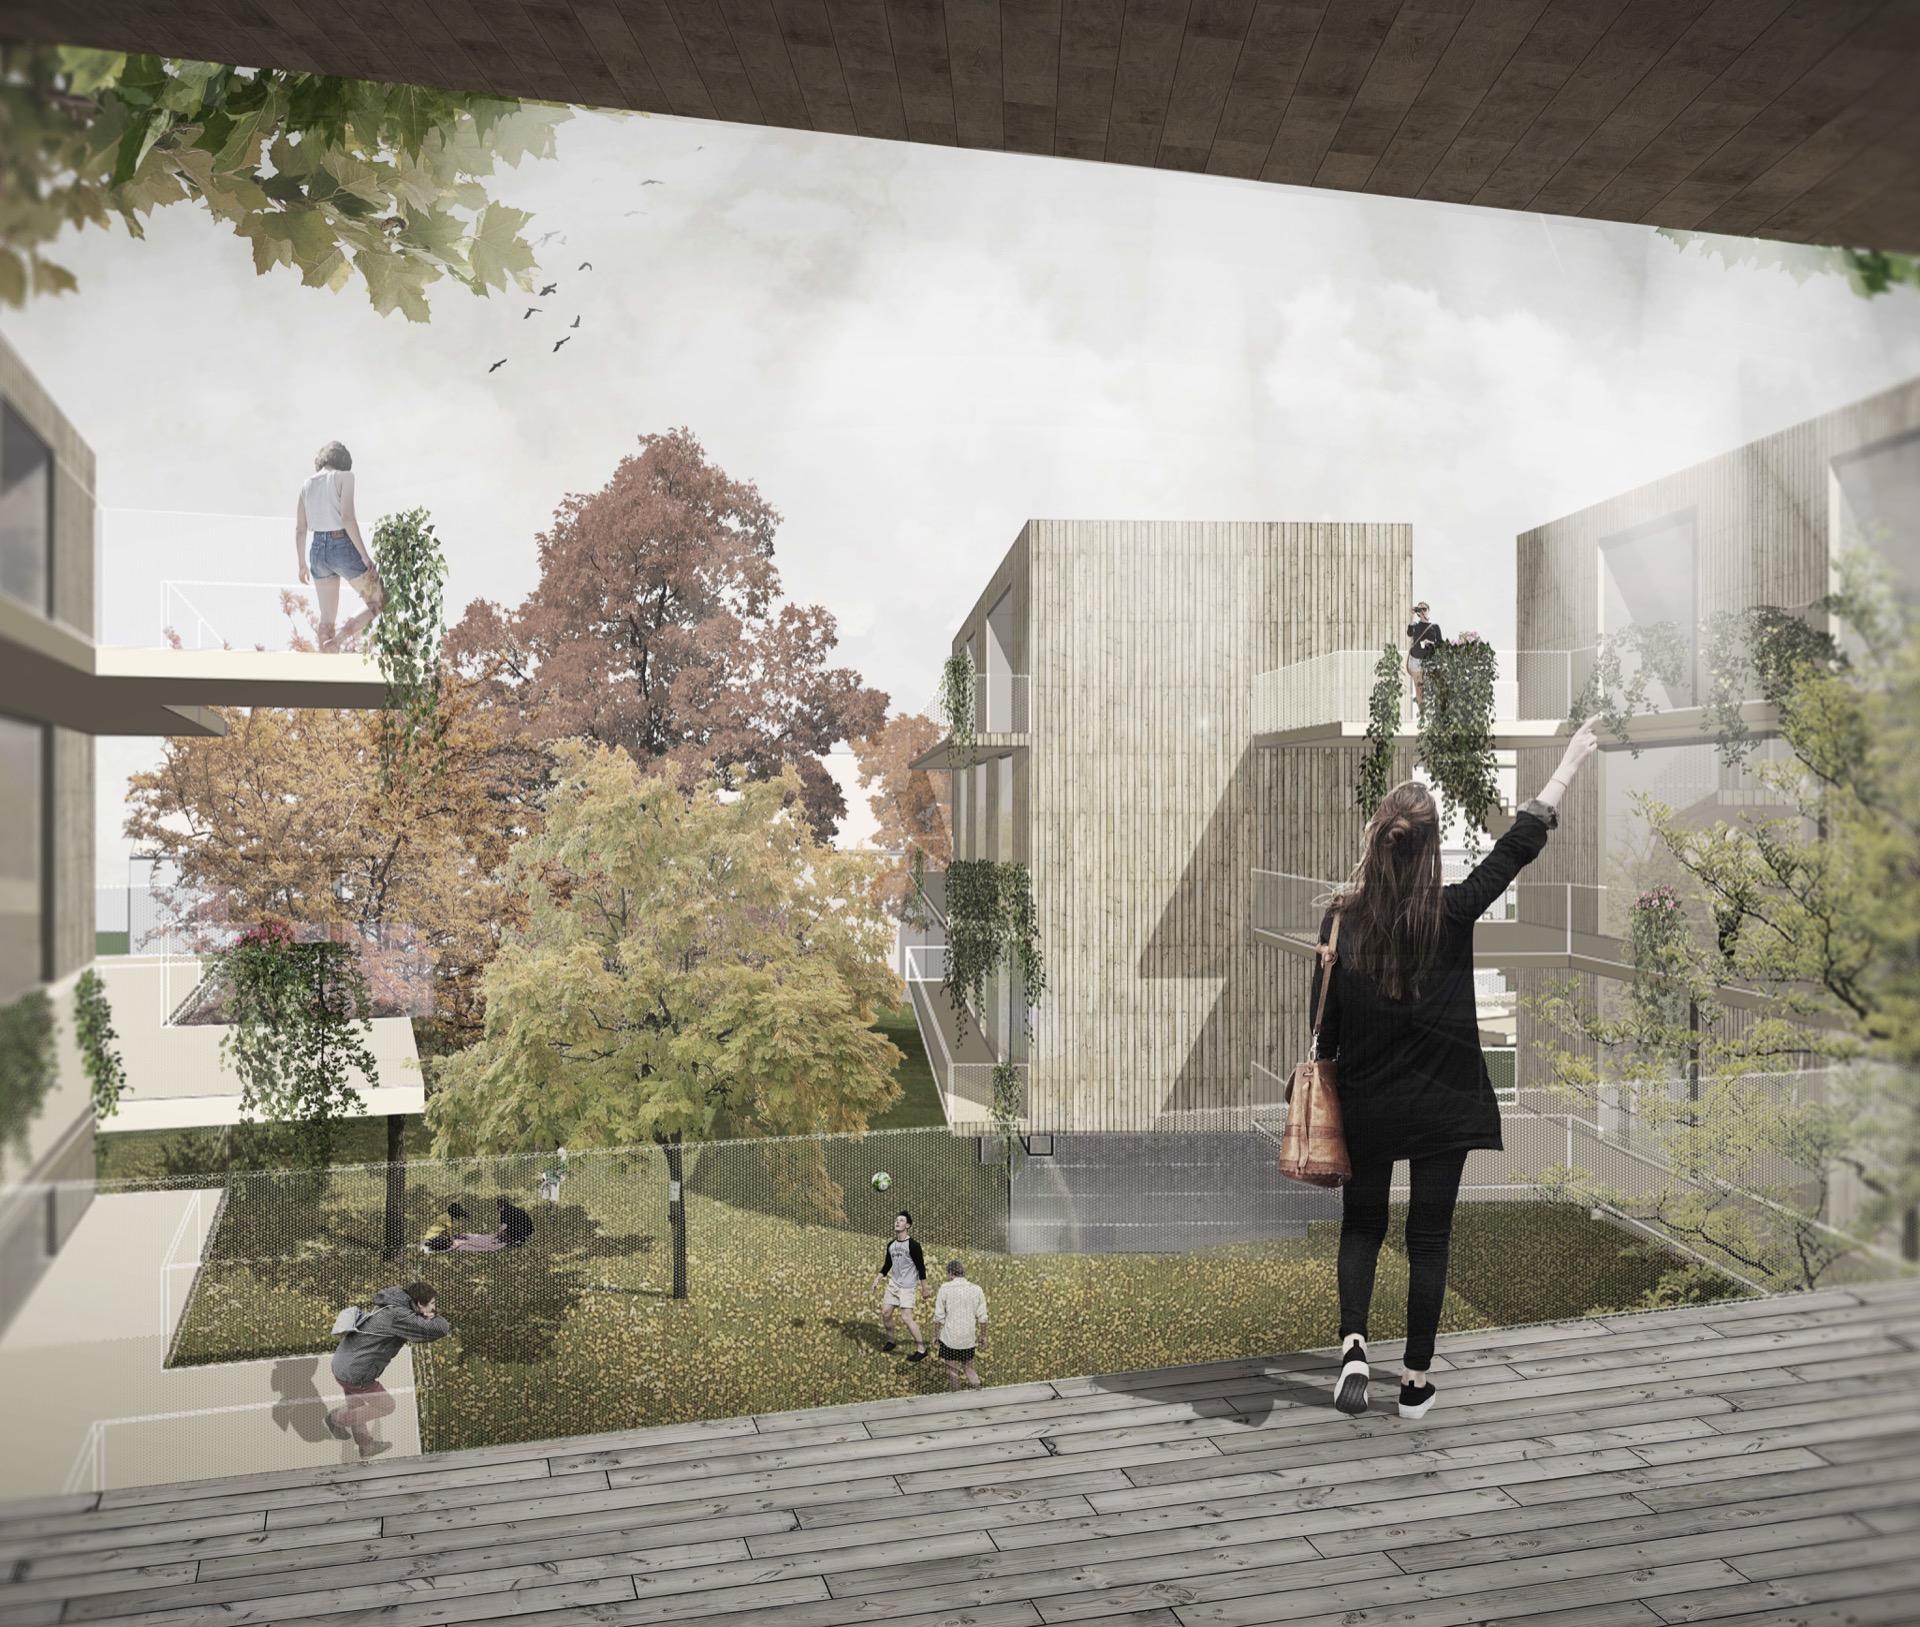 Visualisierung © Welp von Klitzing Architekten Stadtplaner